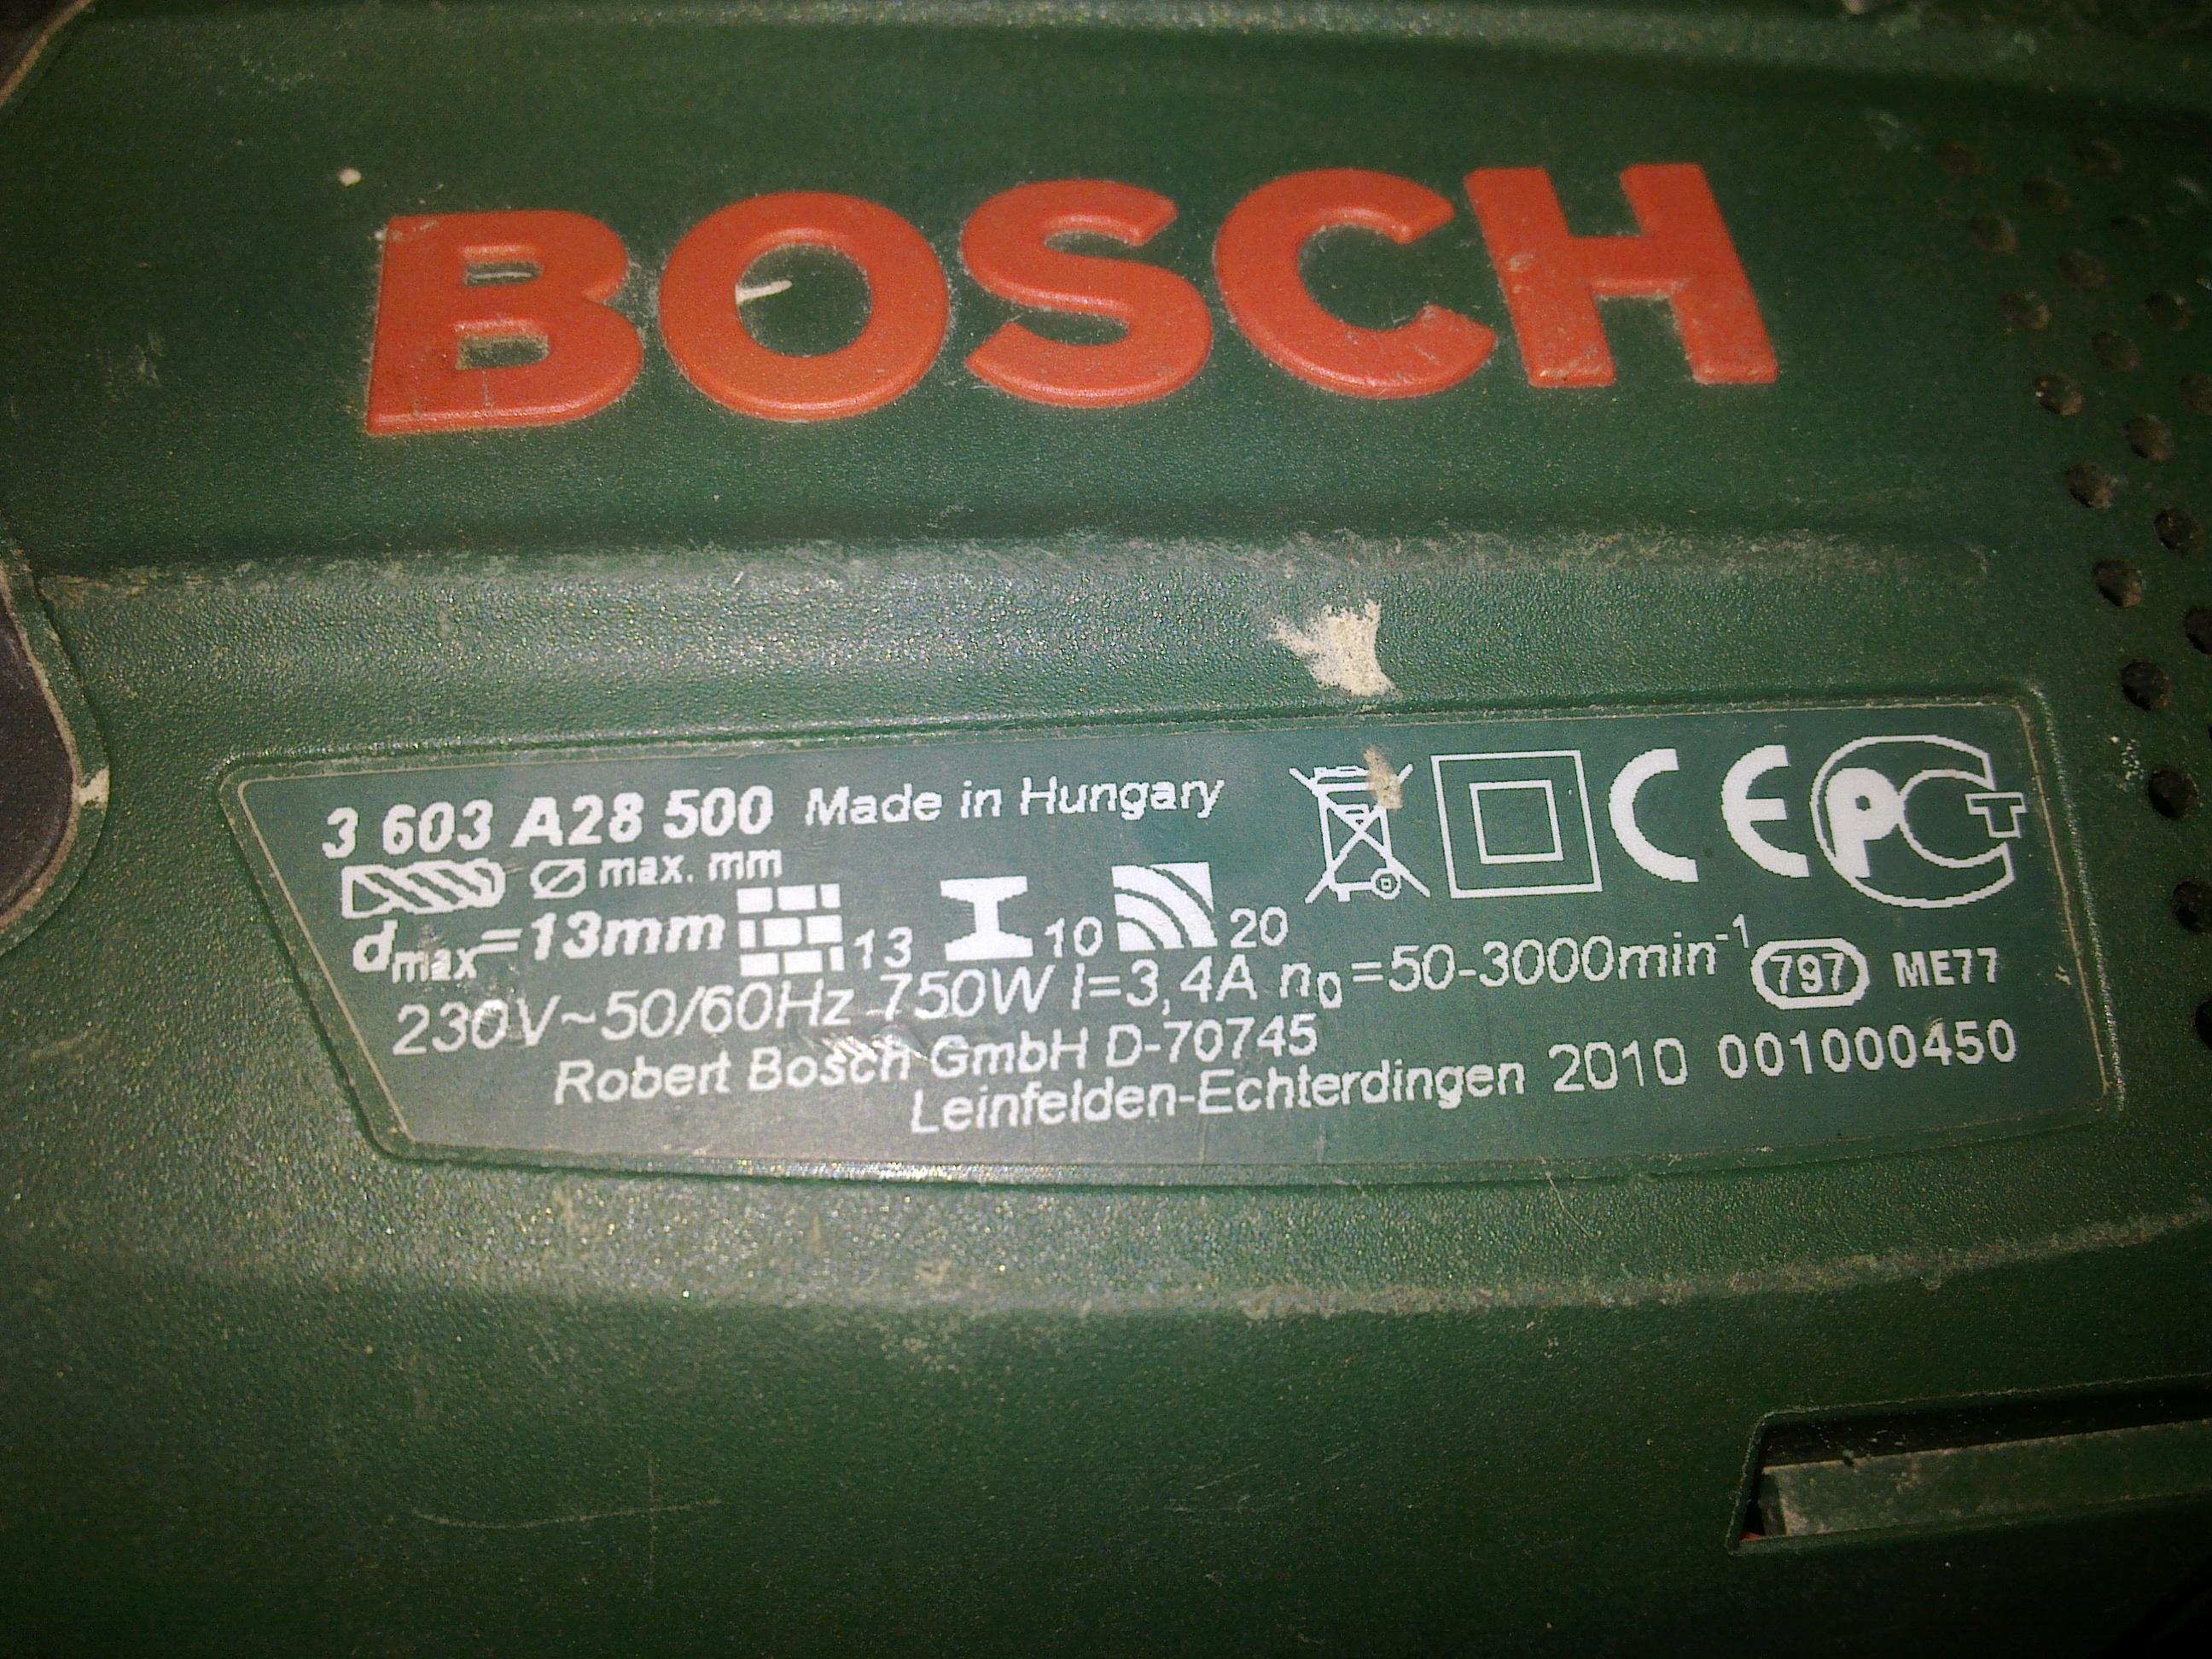 Wiertarka Bosch 750 stojan uszkodzony